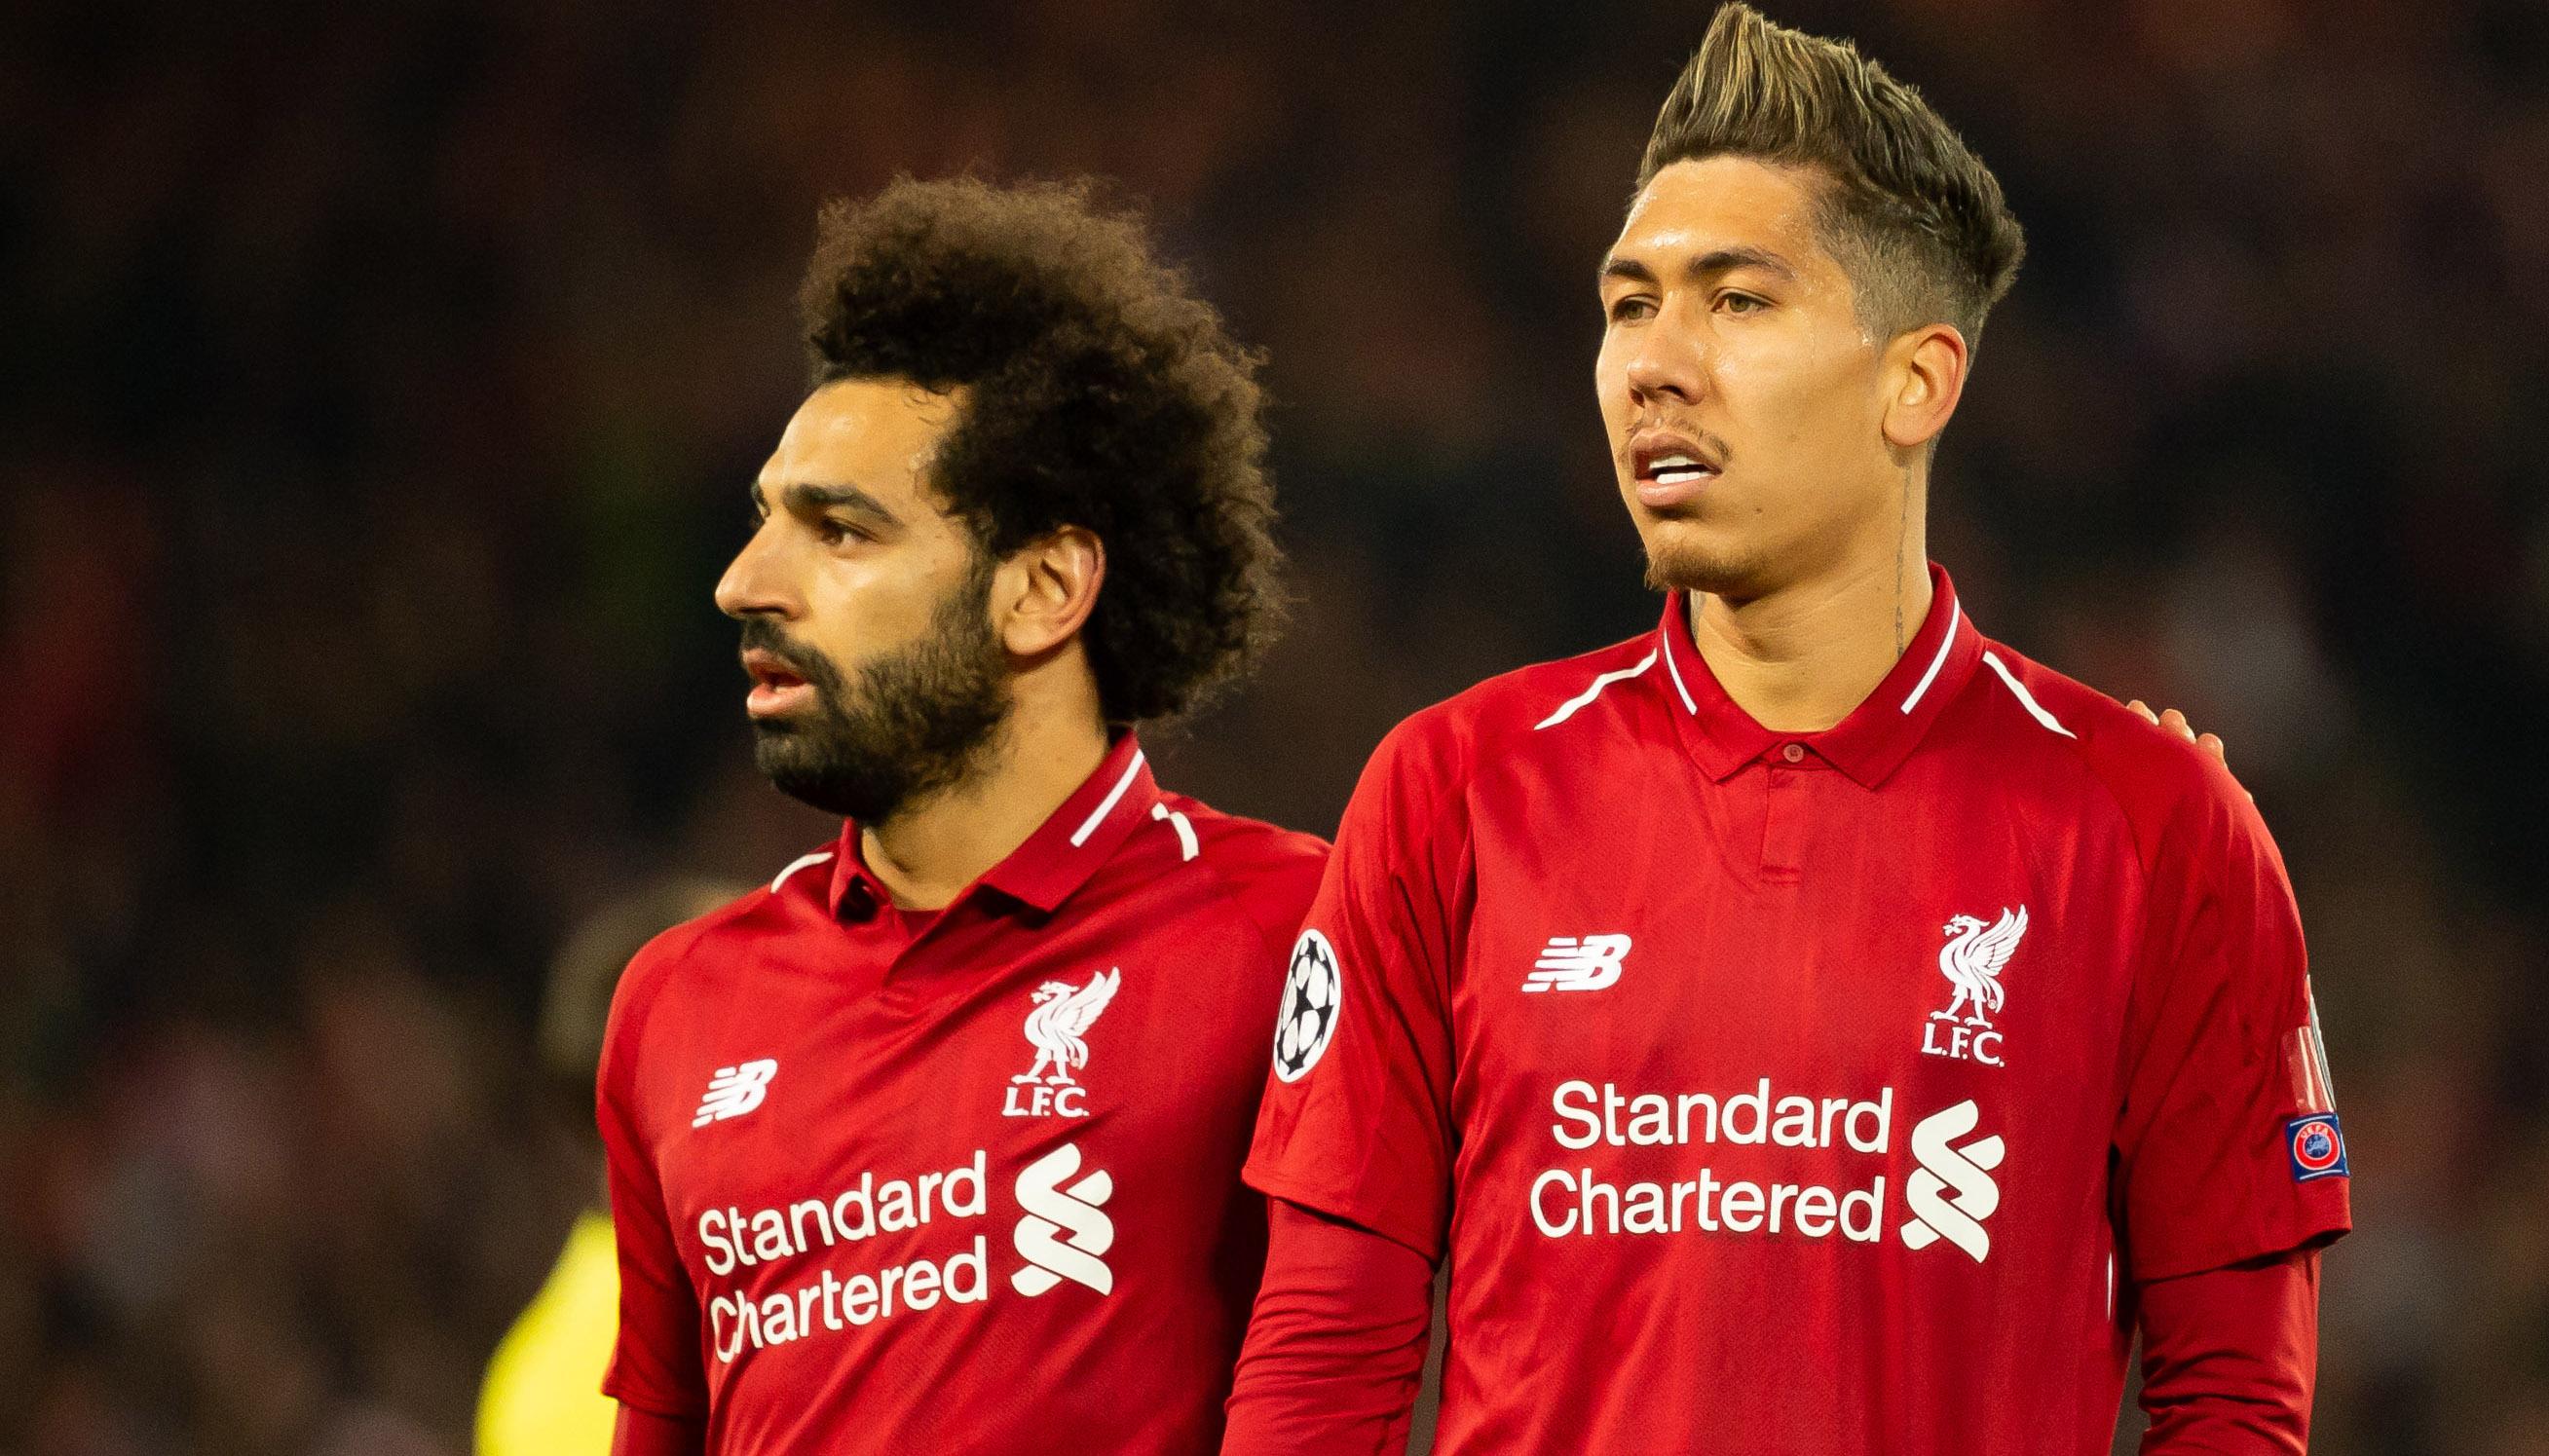 Champions League Index: Die besten Spieler nach Liga